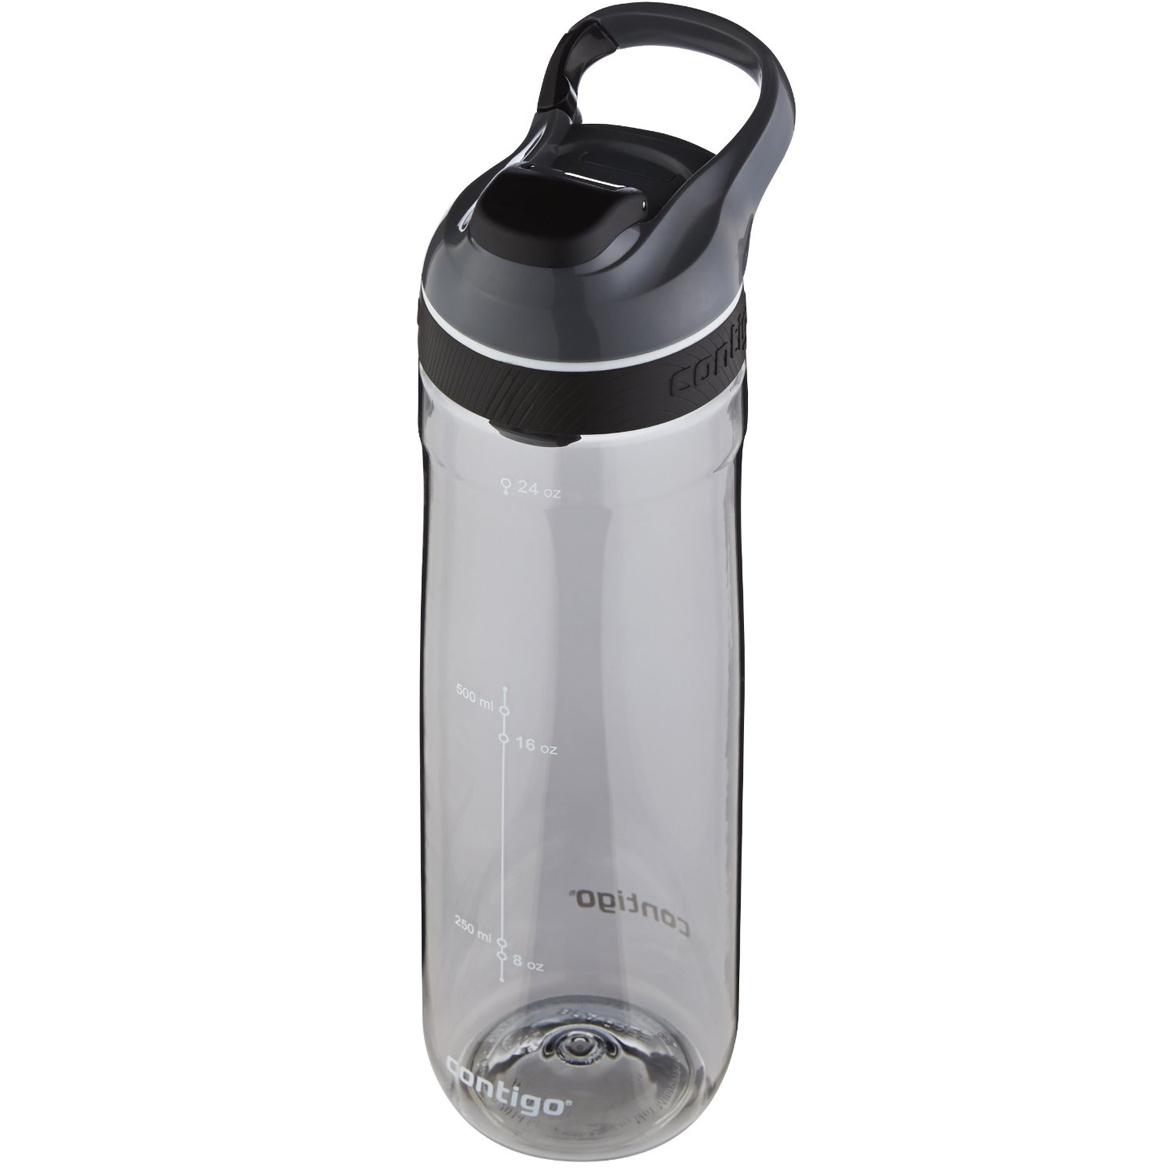 Contigo-24-oz-Cortland-Autoseal-Water-Bottle miniatura 13